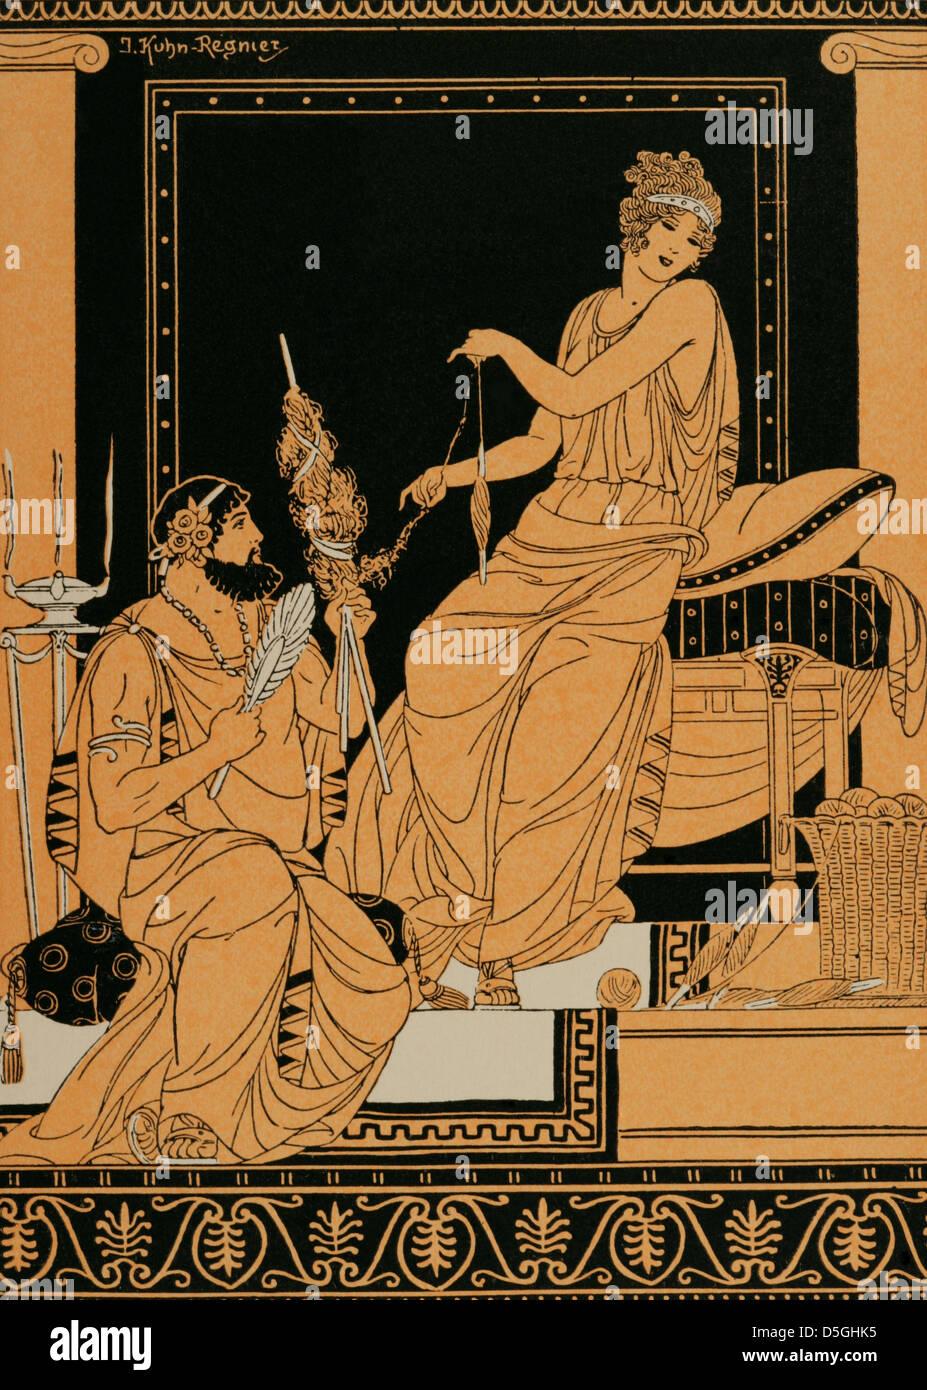 La mythologie grecque. Héraclès et Omphale. Dessin de J. Kuhn Regnier. Photo Stock